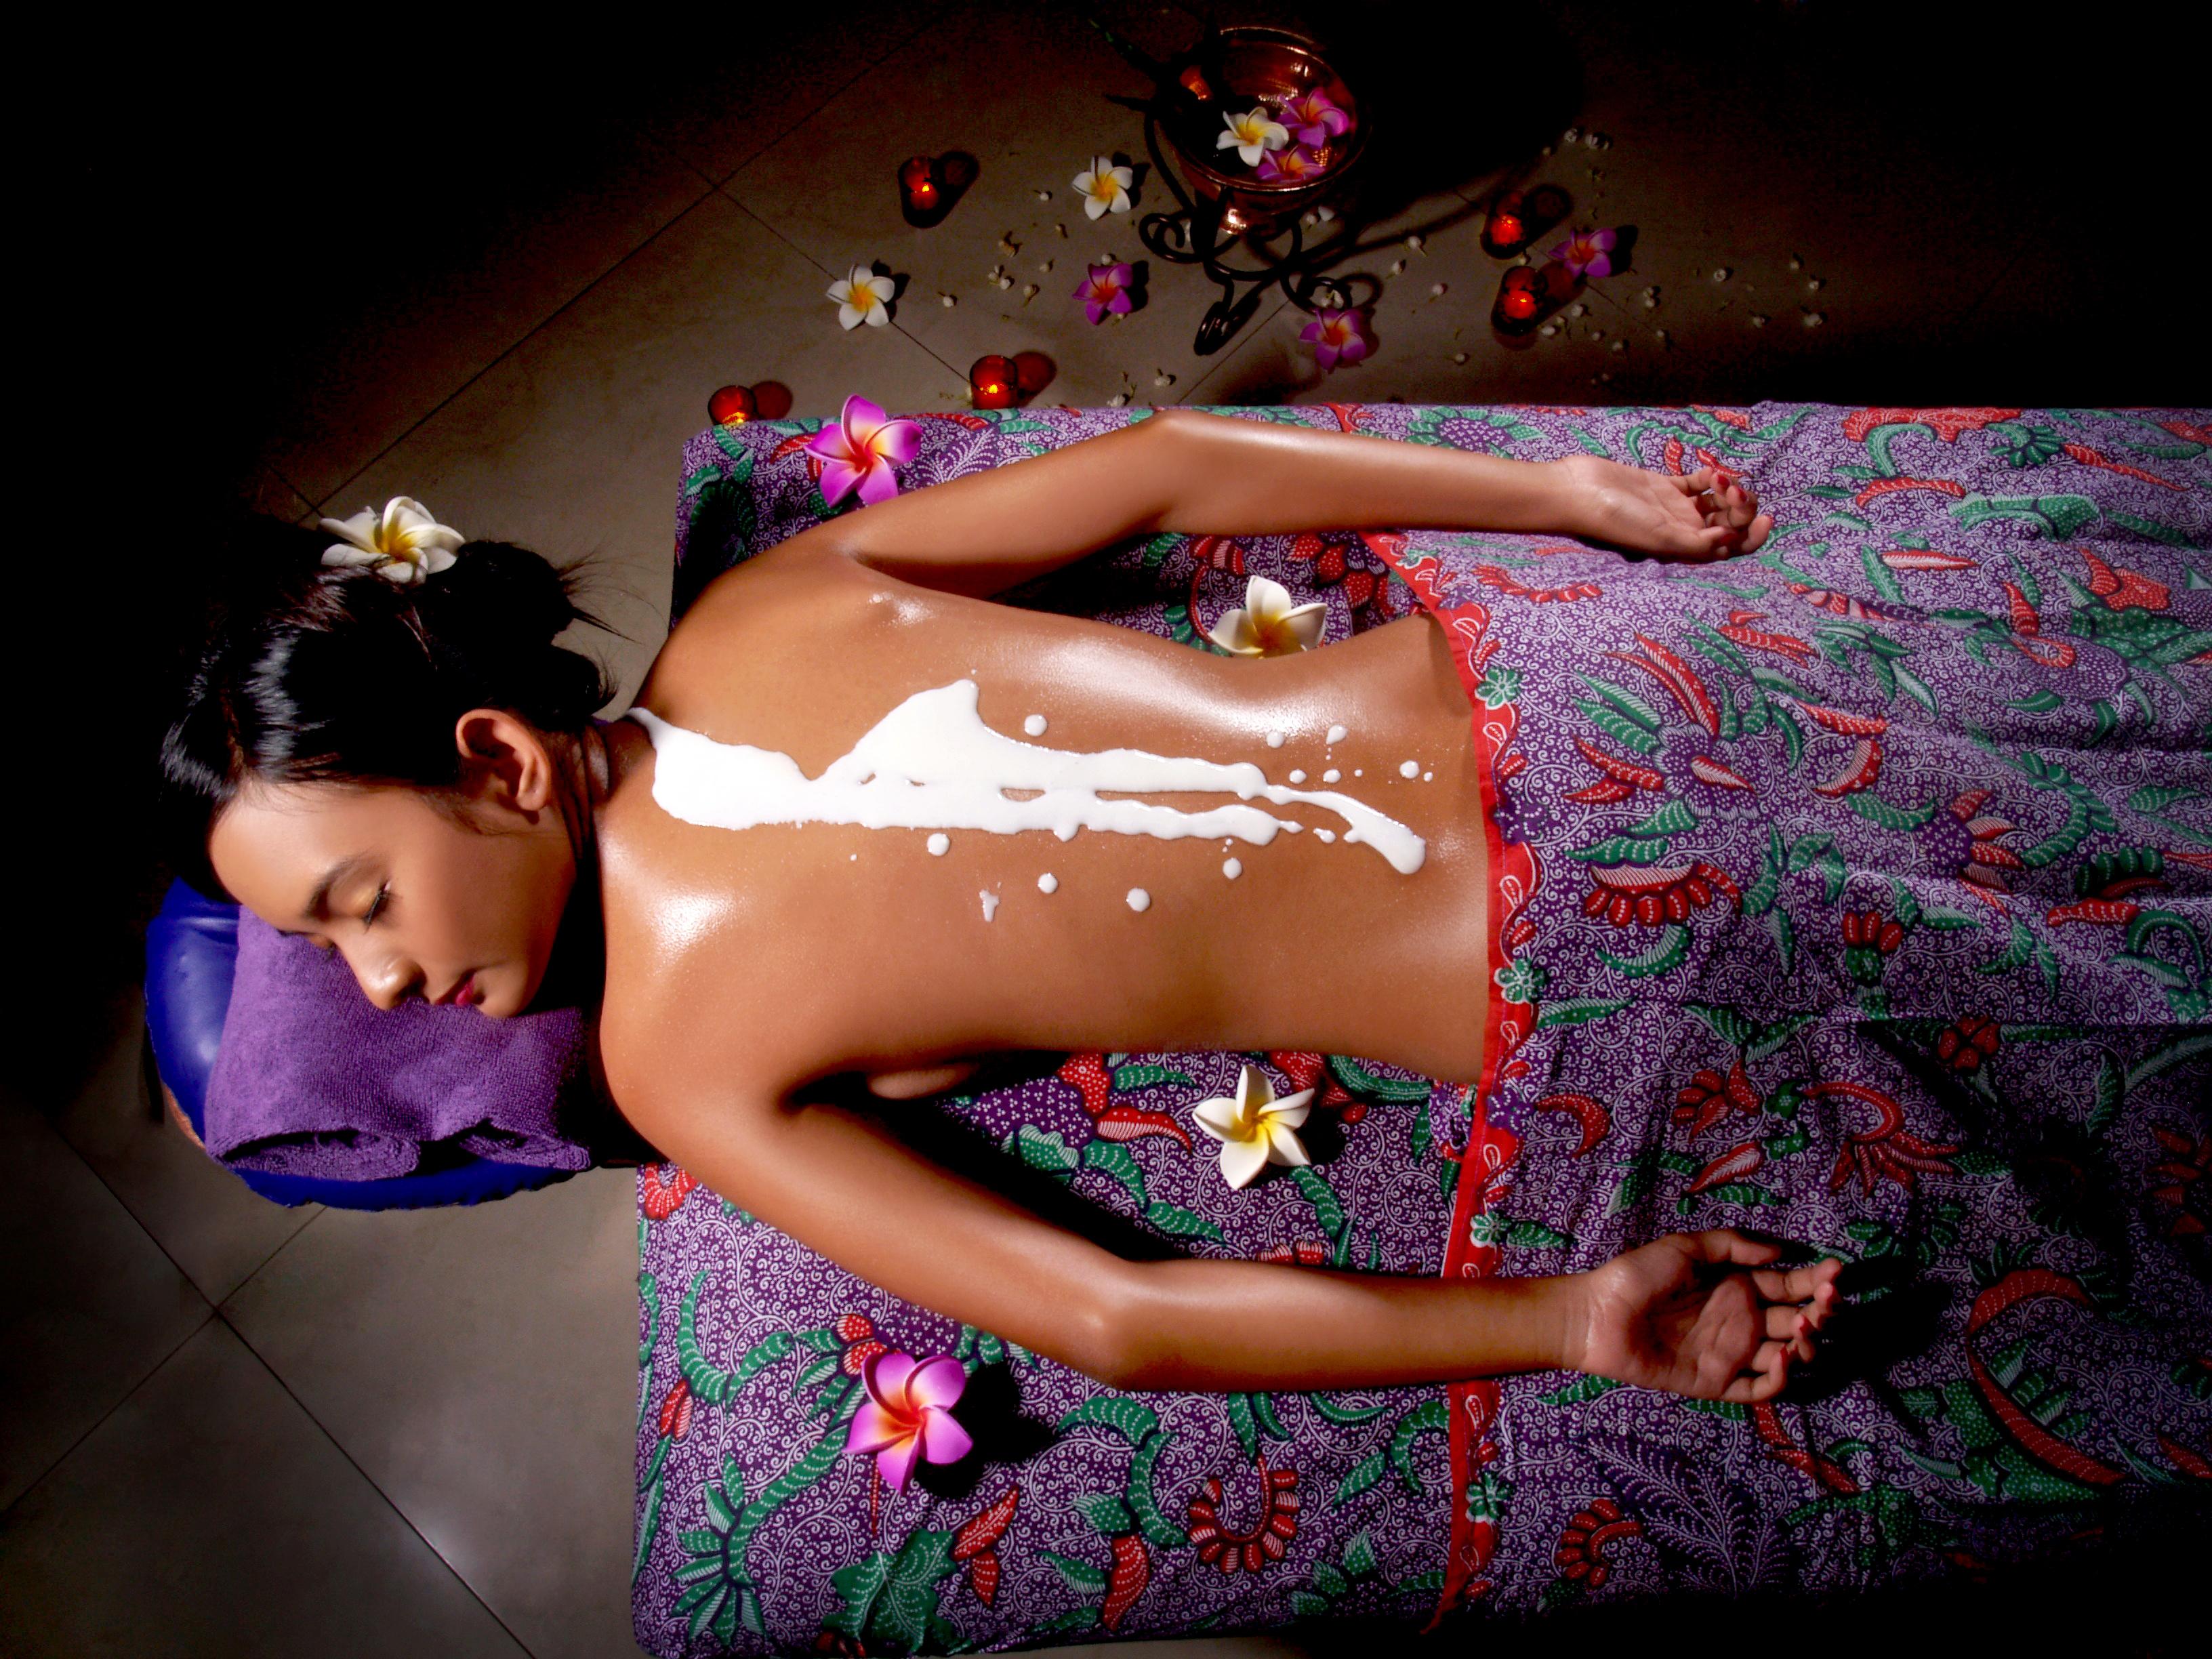 lulur susu untuk pemutih warna kulit natural